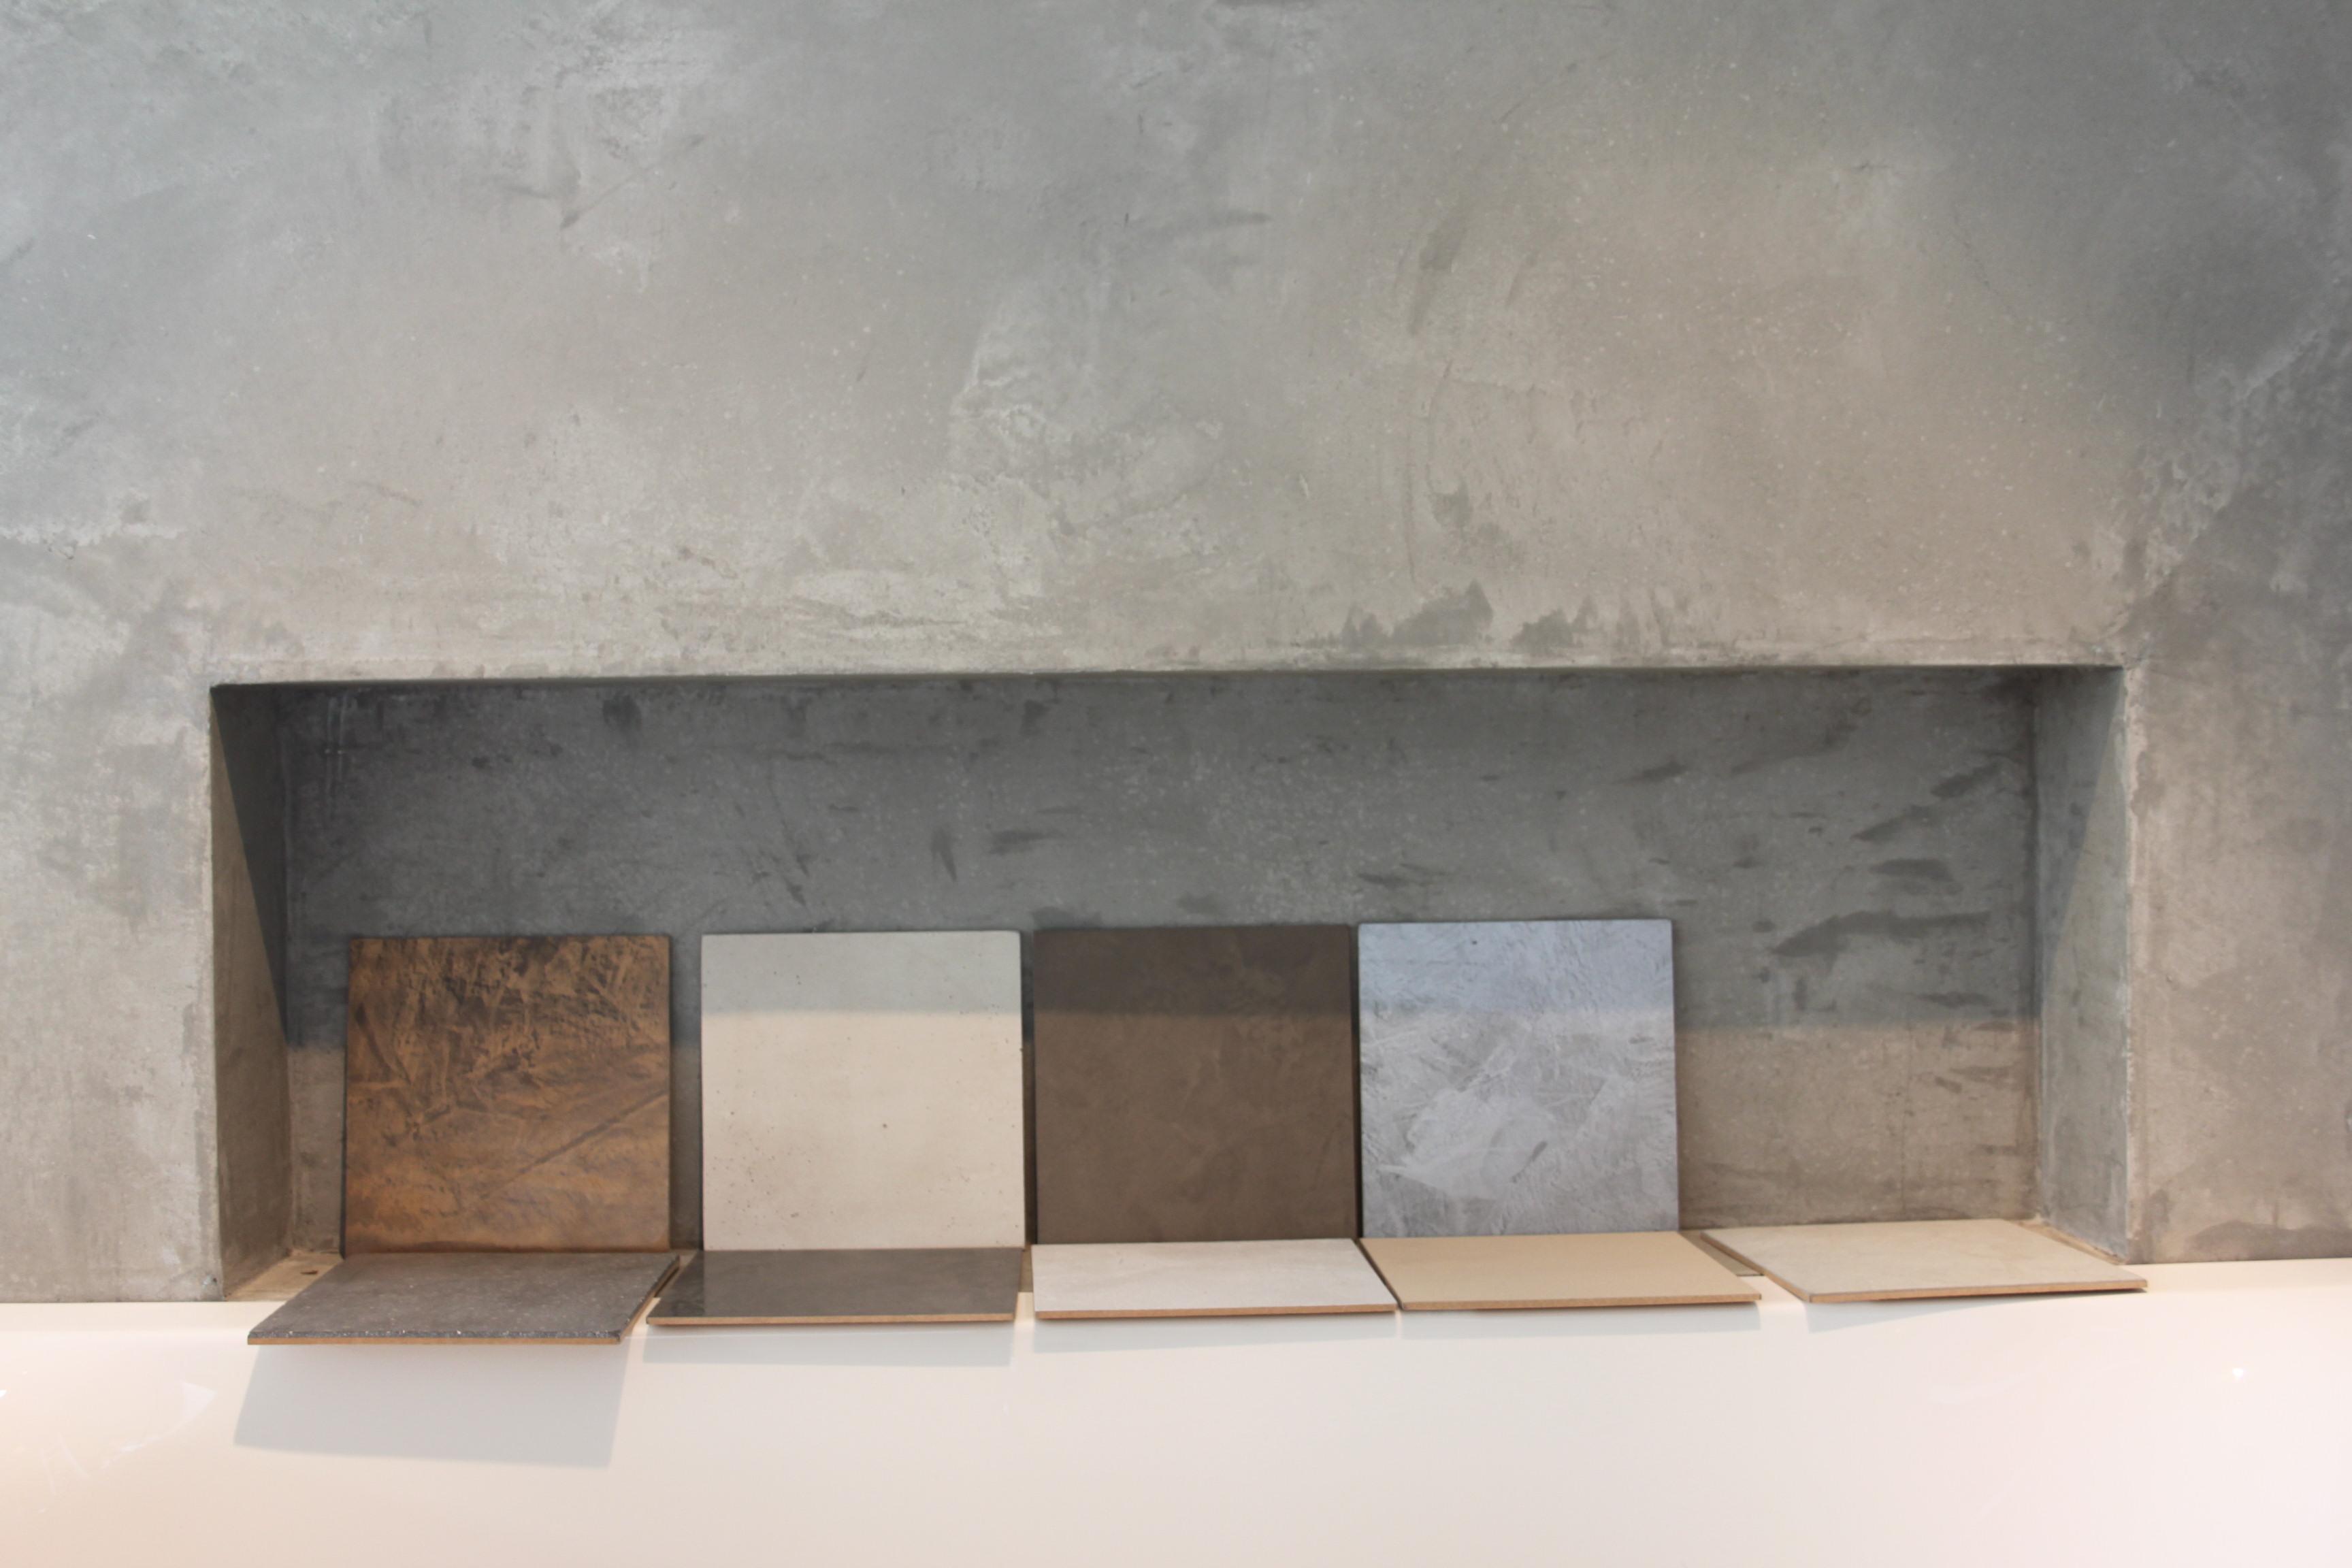 Mortex Badkamer Onderhoud : Beal mortex betonlook u rd stucwerk